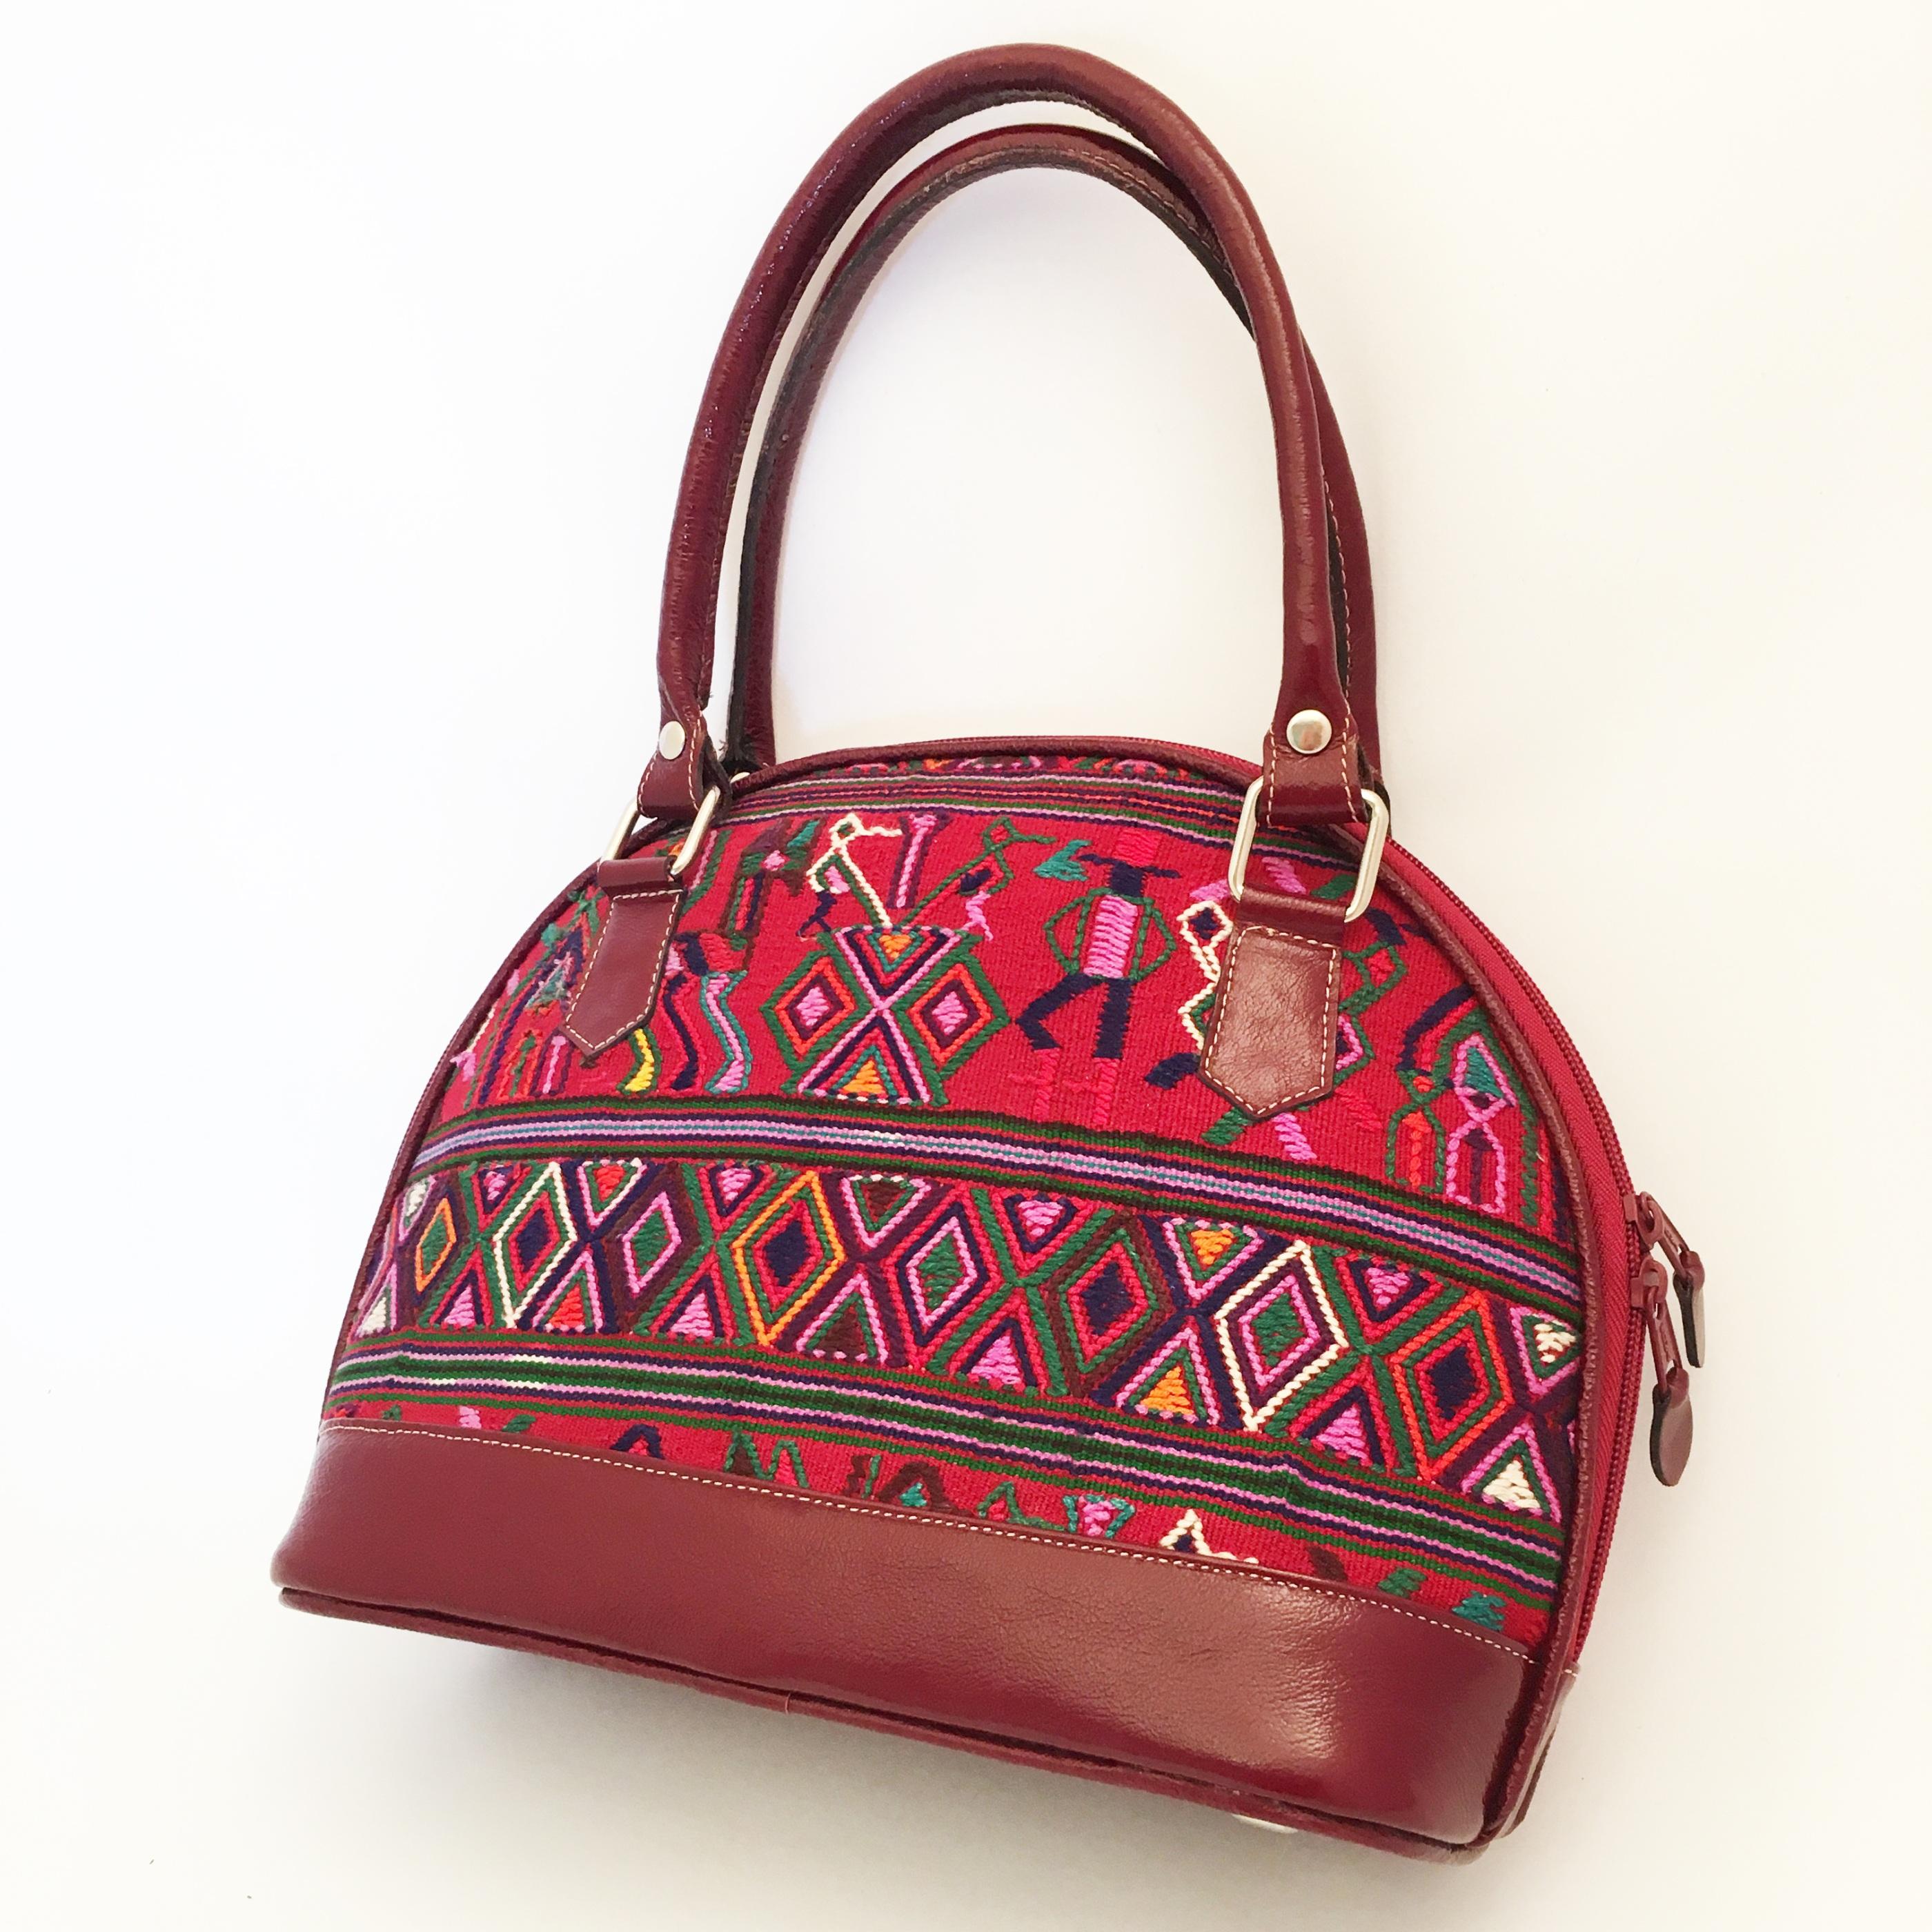 väska, axelväska, guatemala, återbruk, recycle, reuse (12)